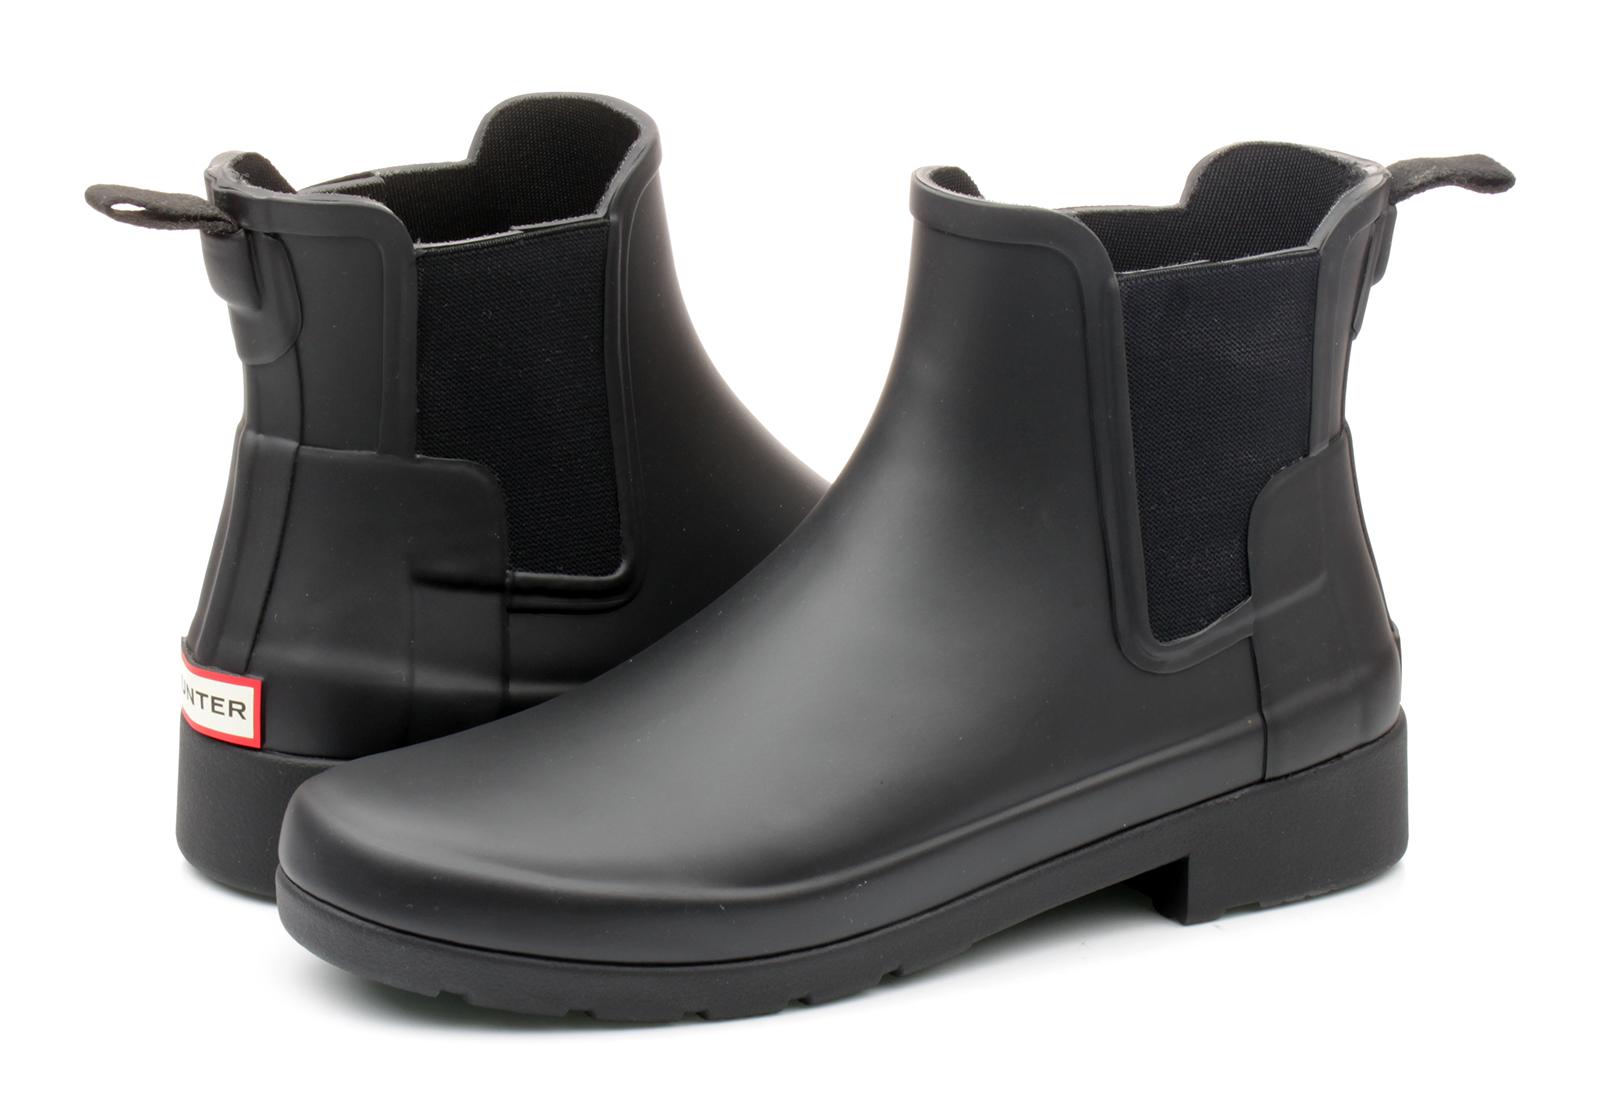 Hunter Rain Boots Original Refined Chelsea S1017rma